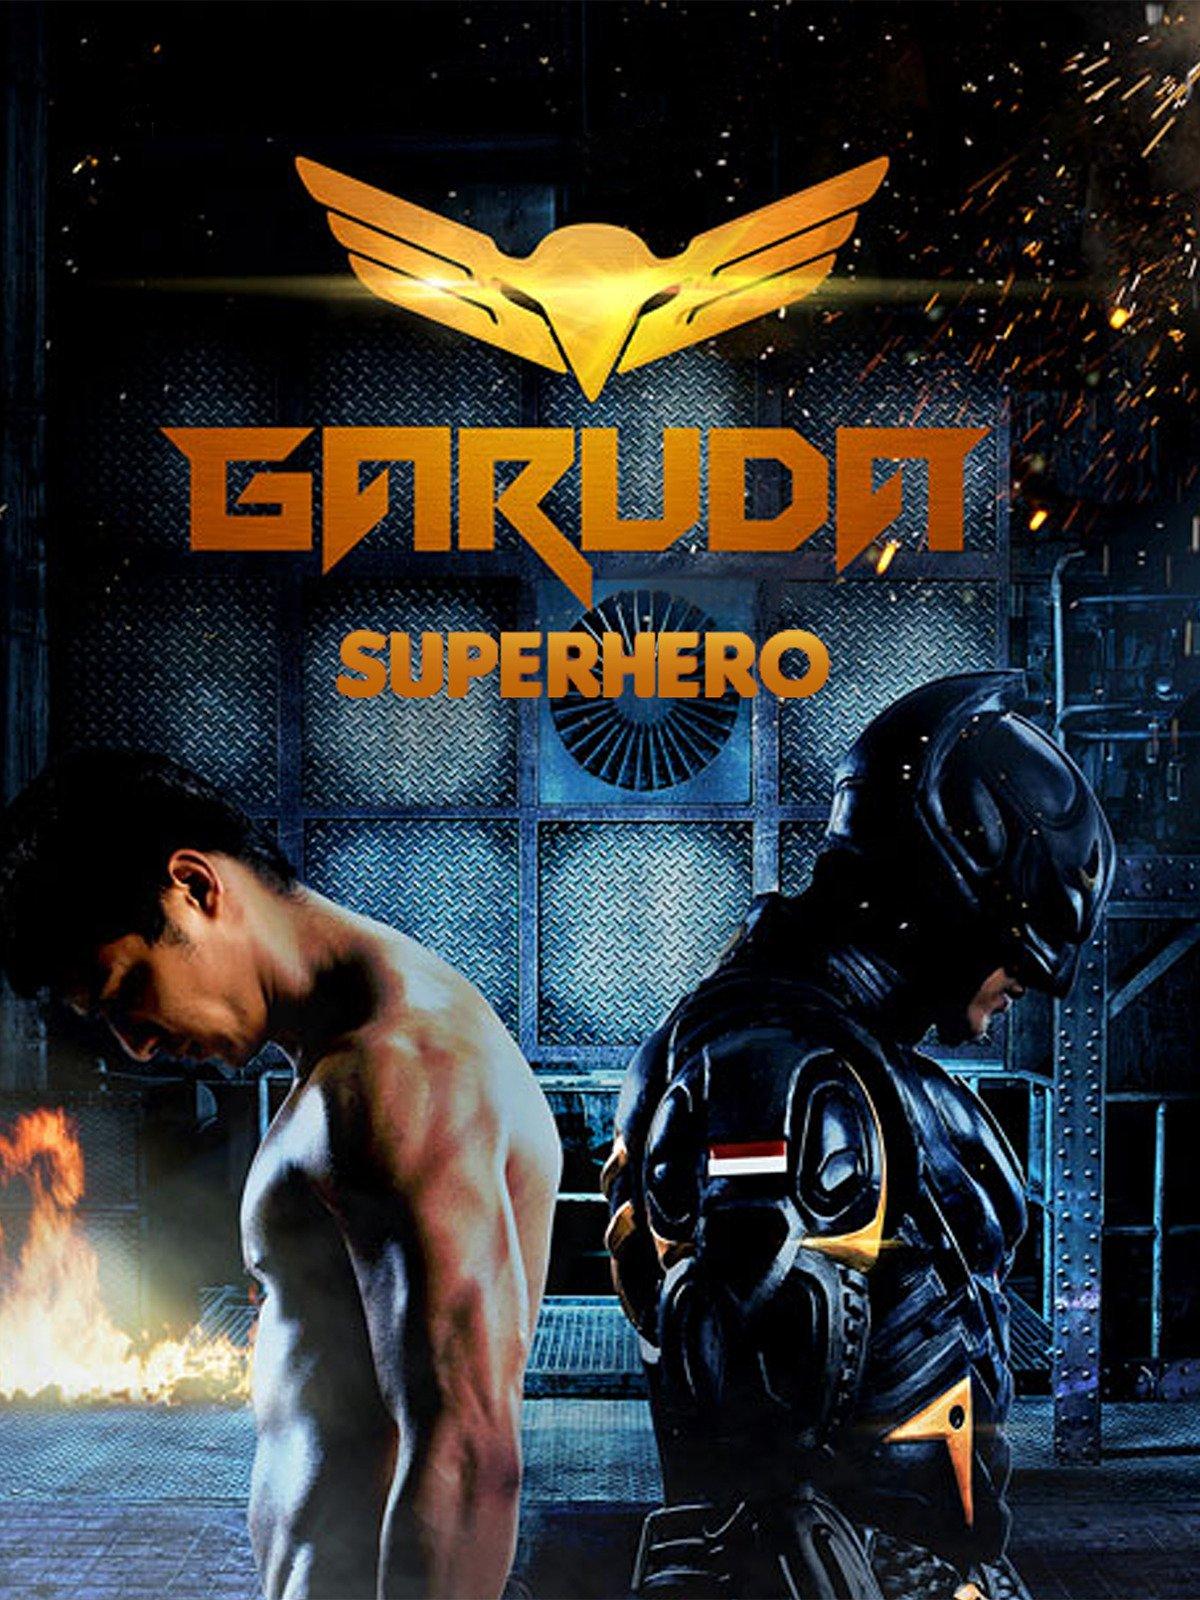 Garuda Superhero